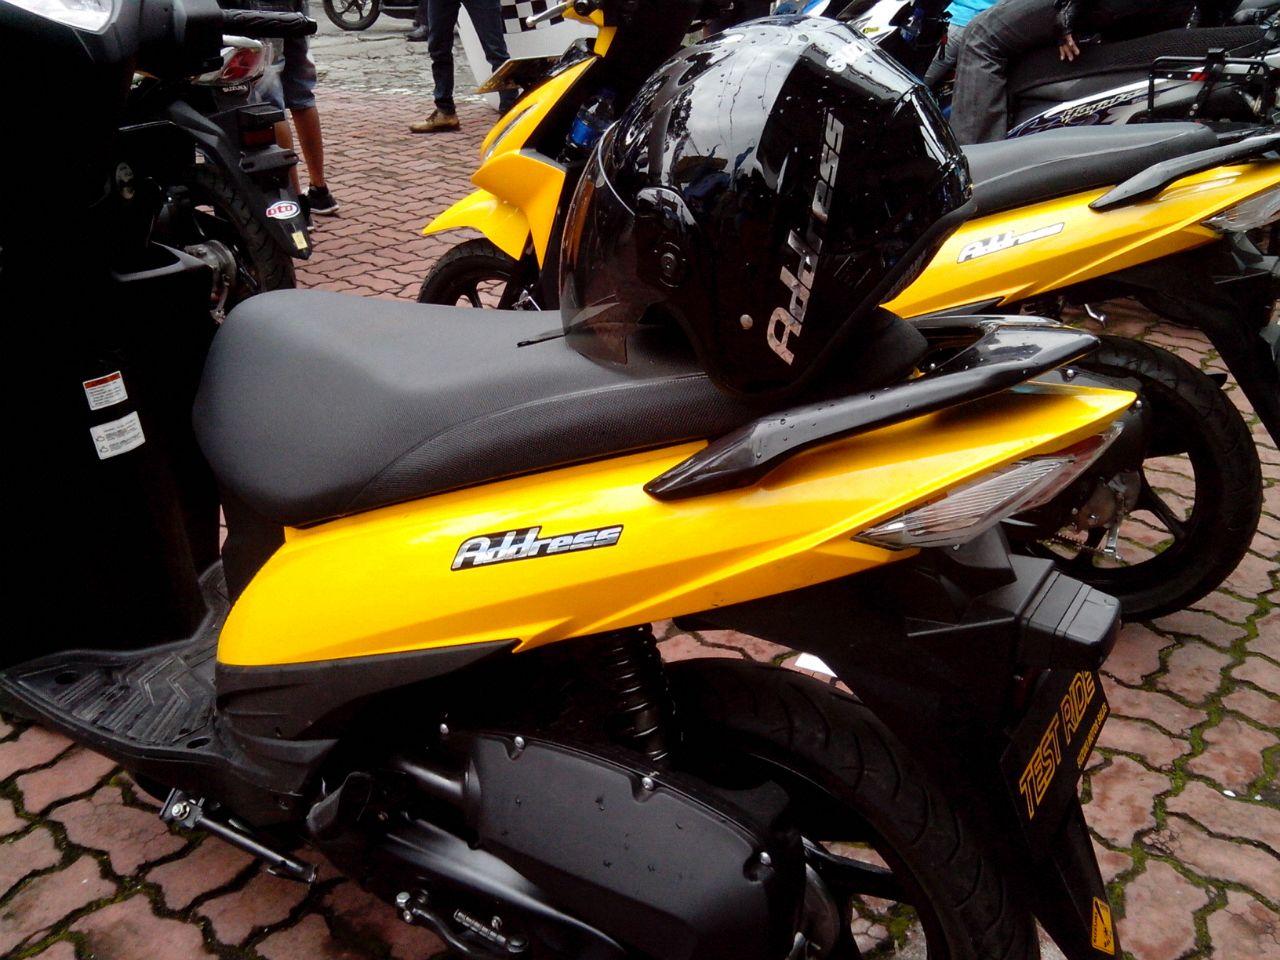 Modifikasi Vario 150 Warna Kuning Galeri Motor Vario